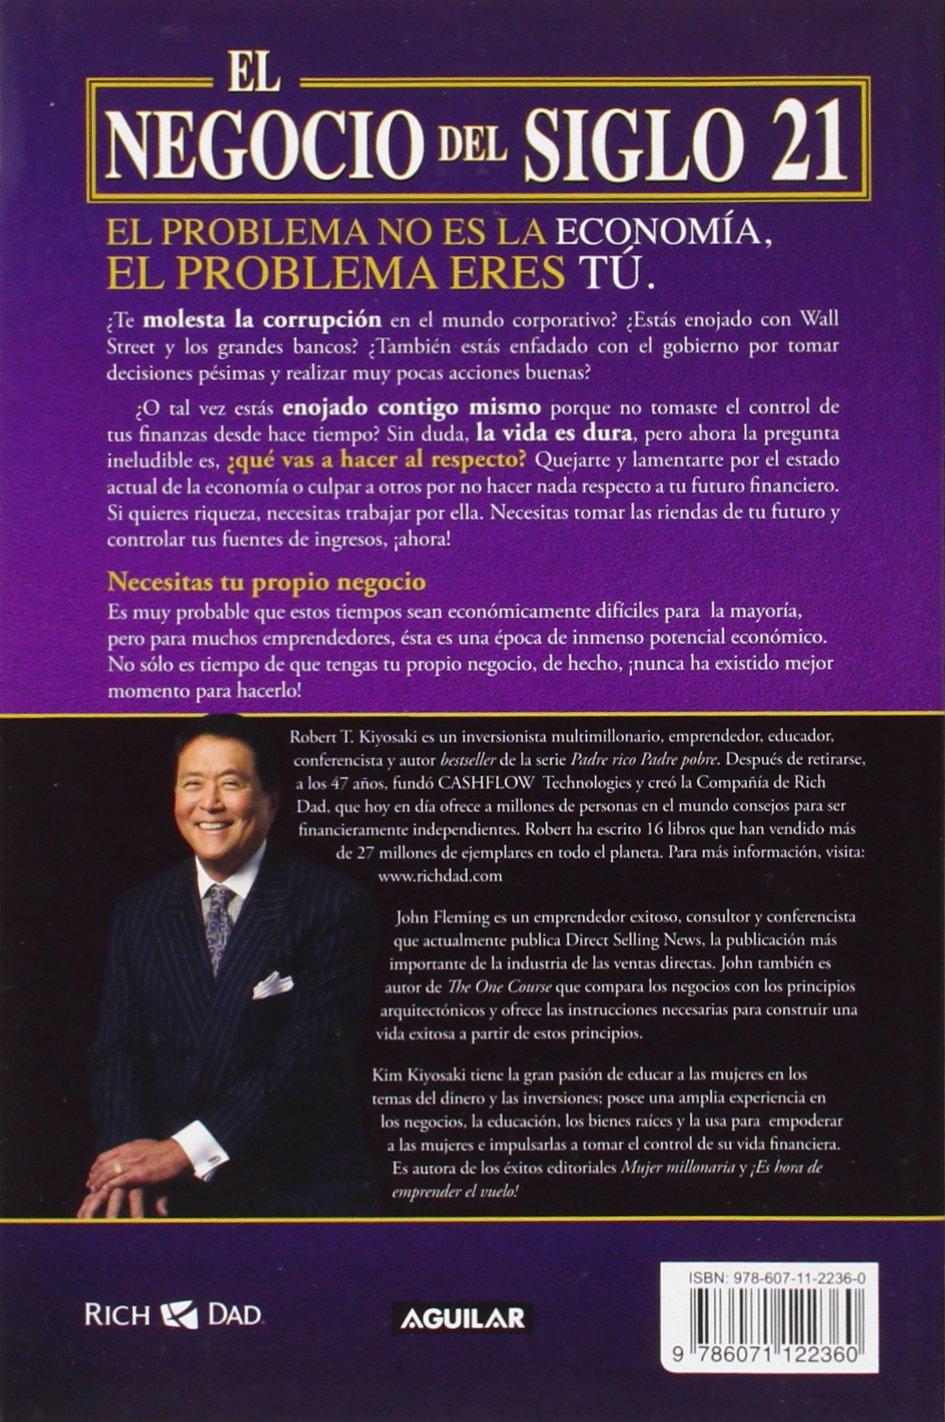 Kiyosaki libro robert pdf escuela de negocios de